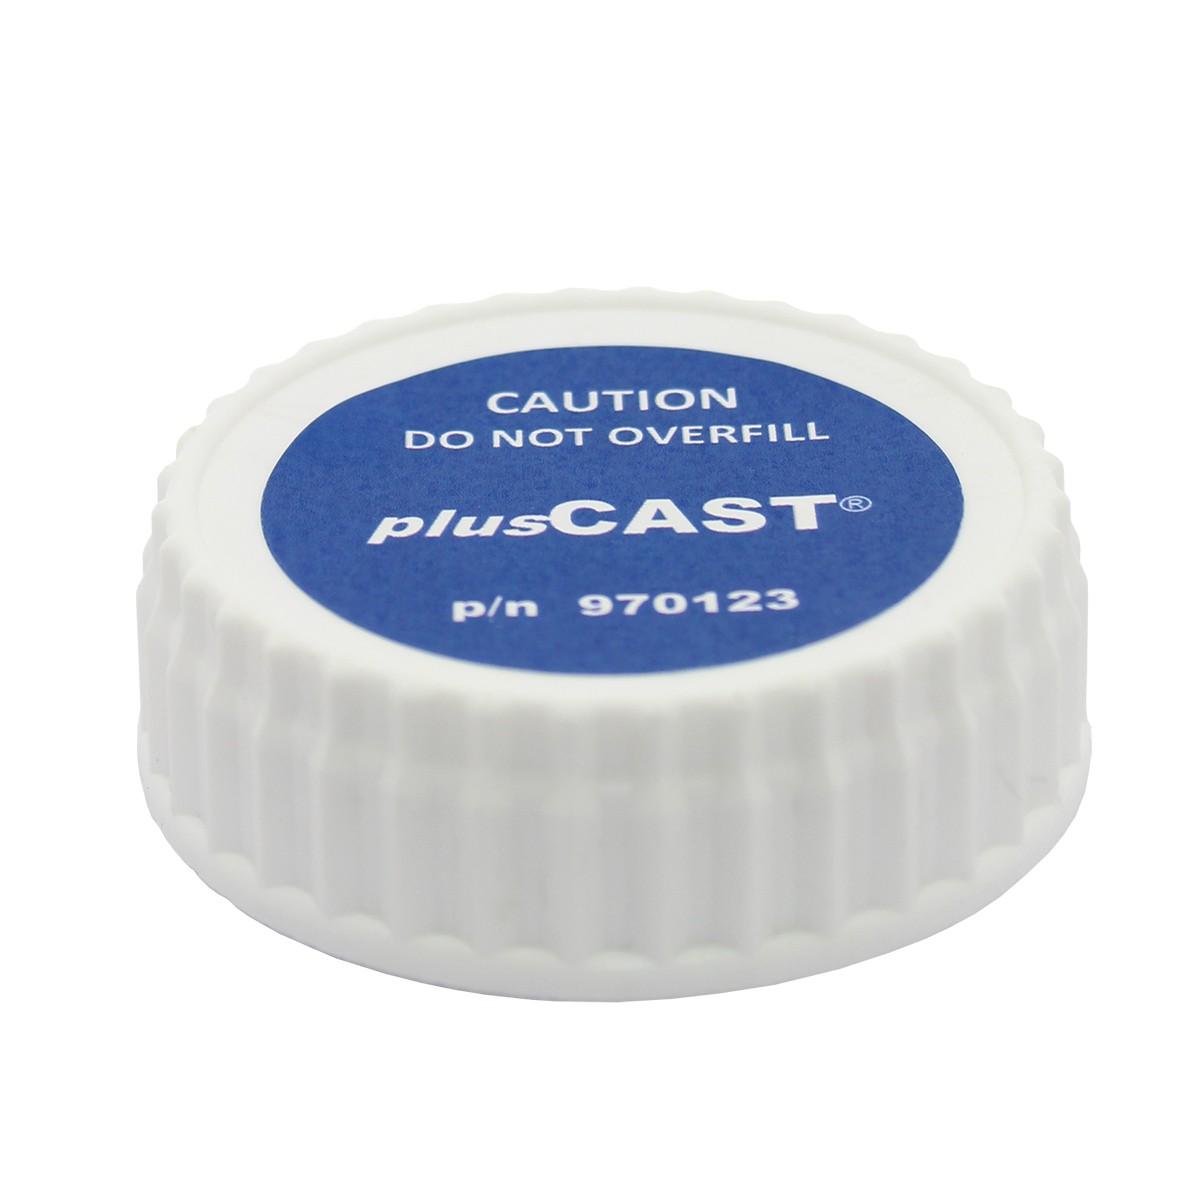 Solidscape PlusCast Reservoir Cap